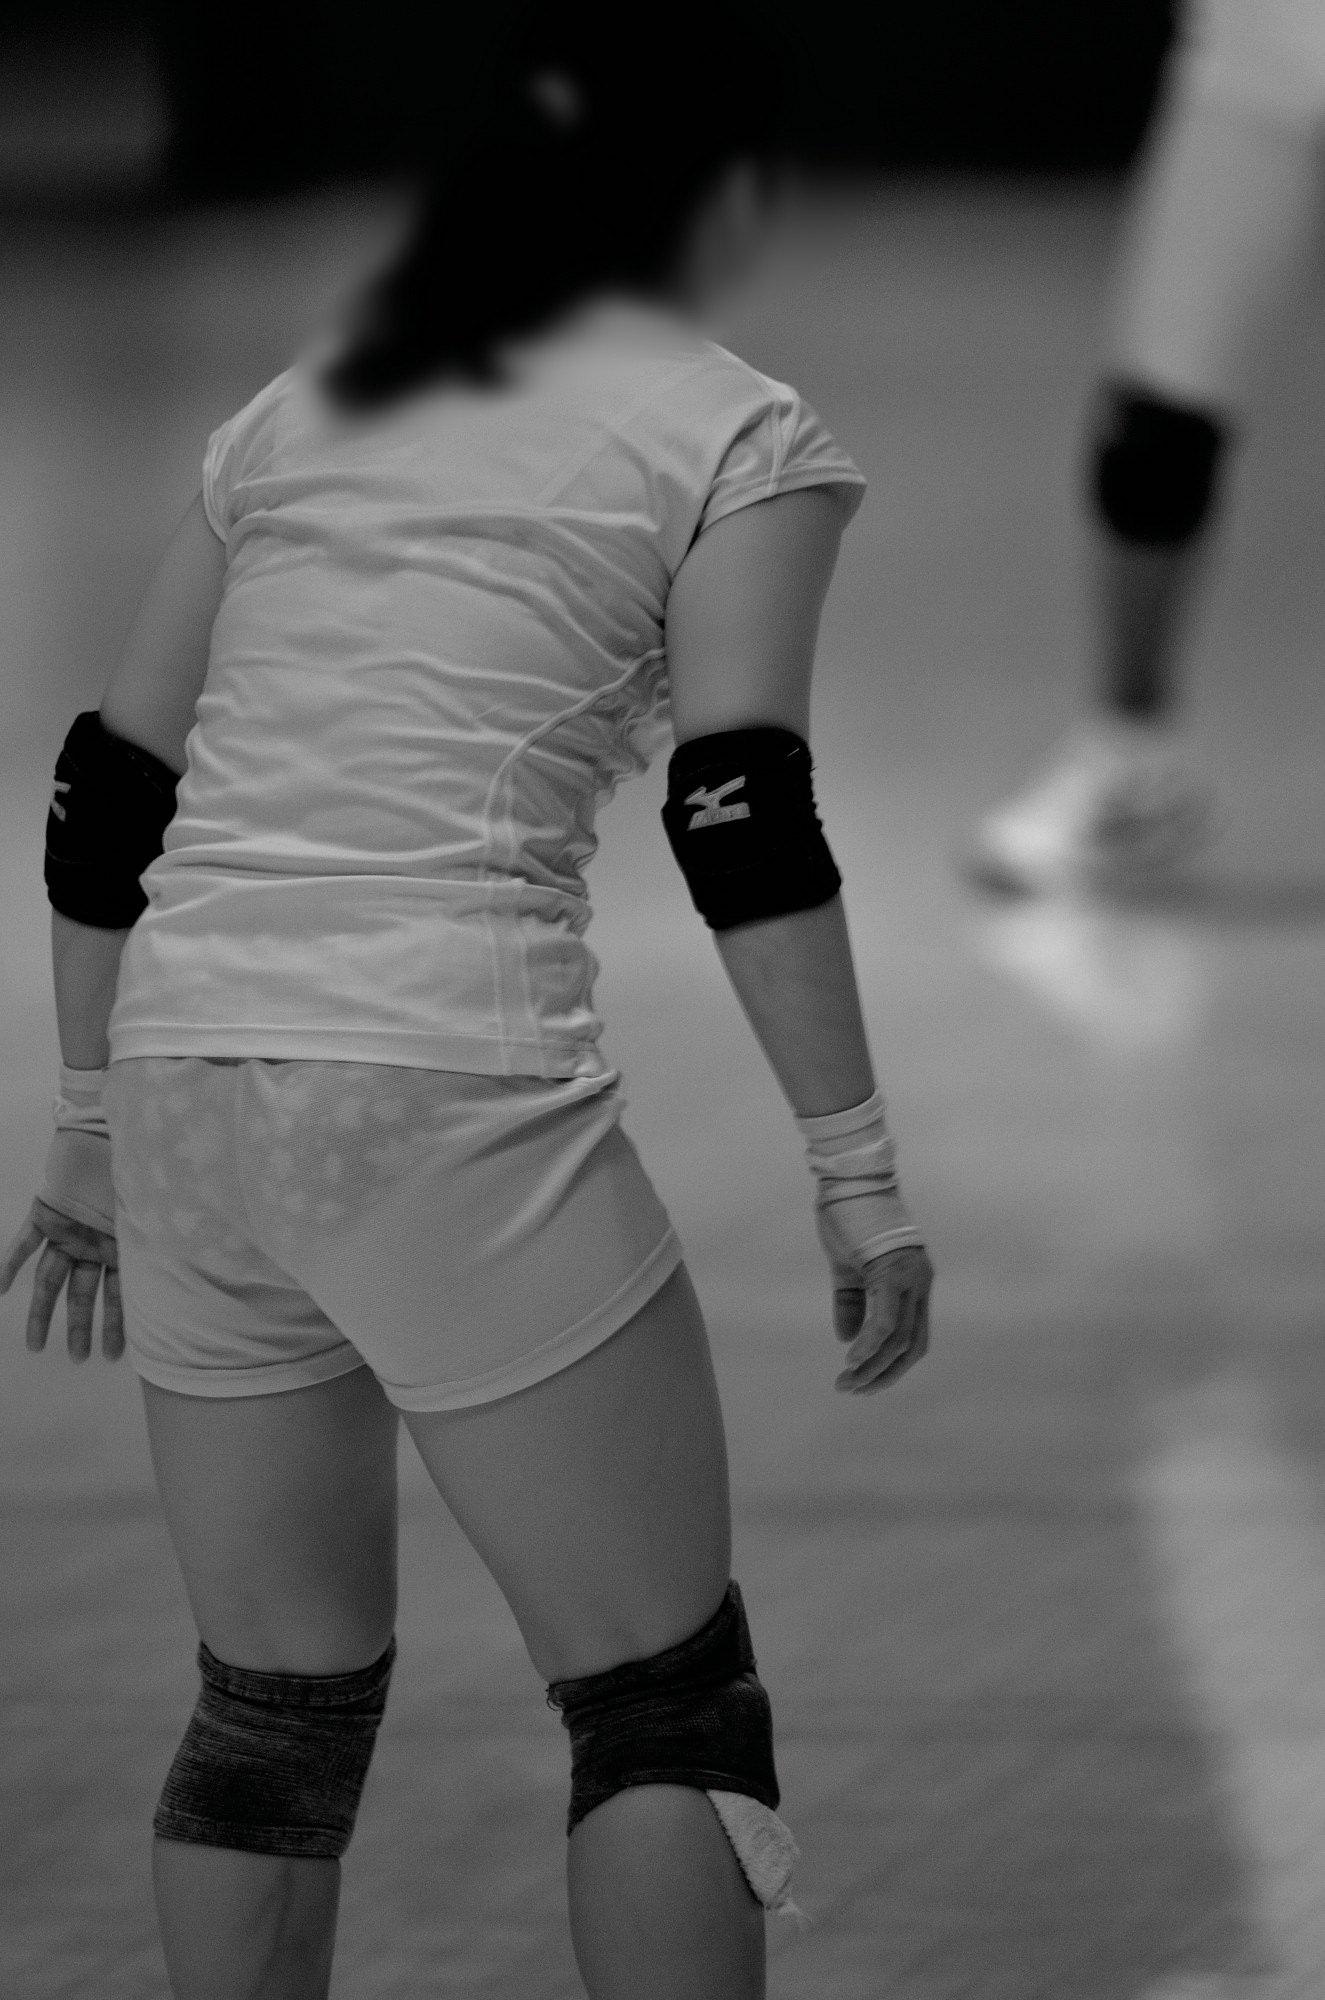 赤外線カメラ半端ない!!女子バレー選手のパンツとブラが透けまくってるスポーツ系エロ画像 2820